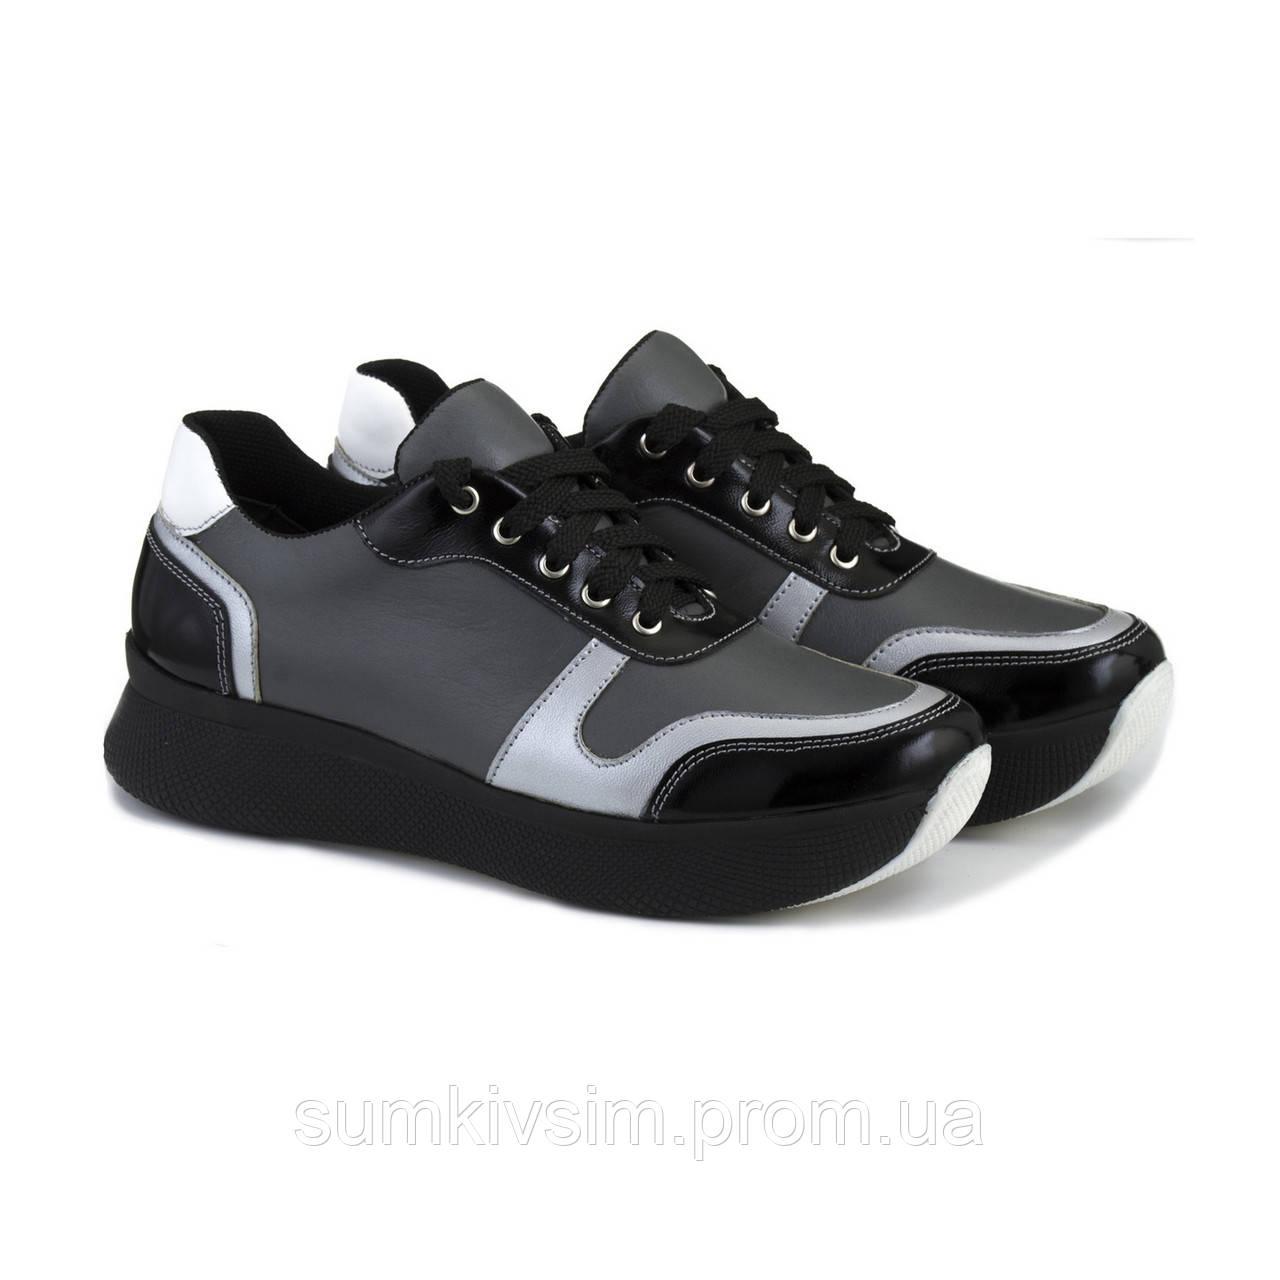 Черные кожаные кроссовки на высокой подошве